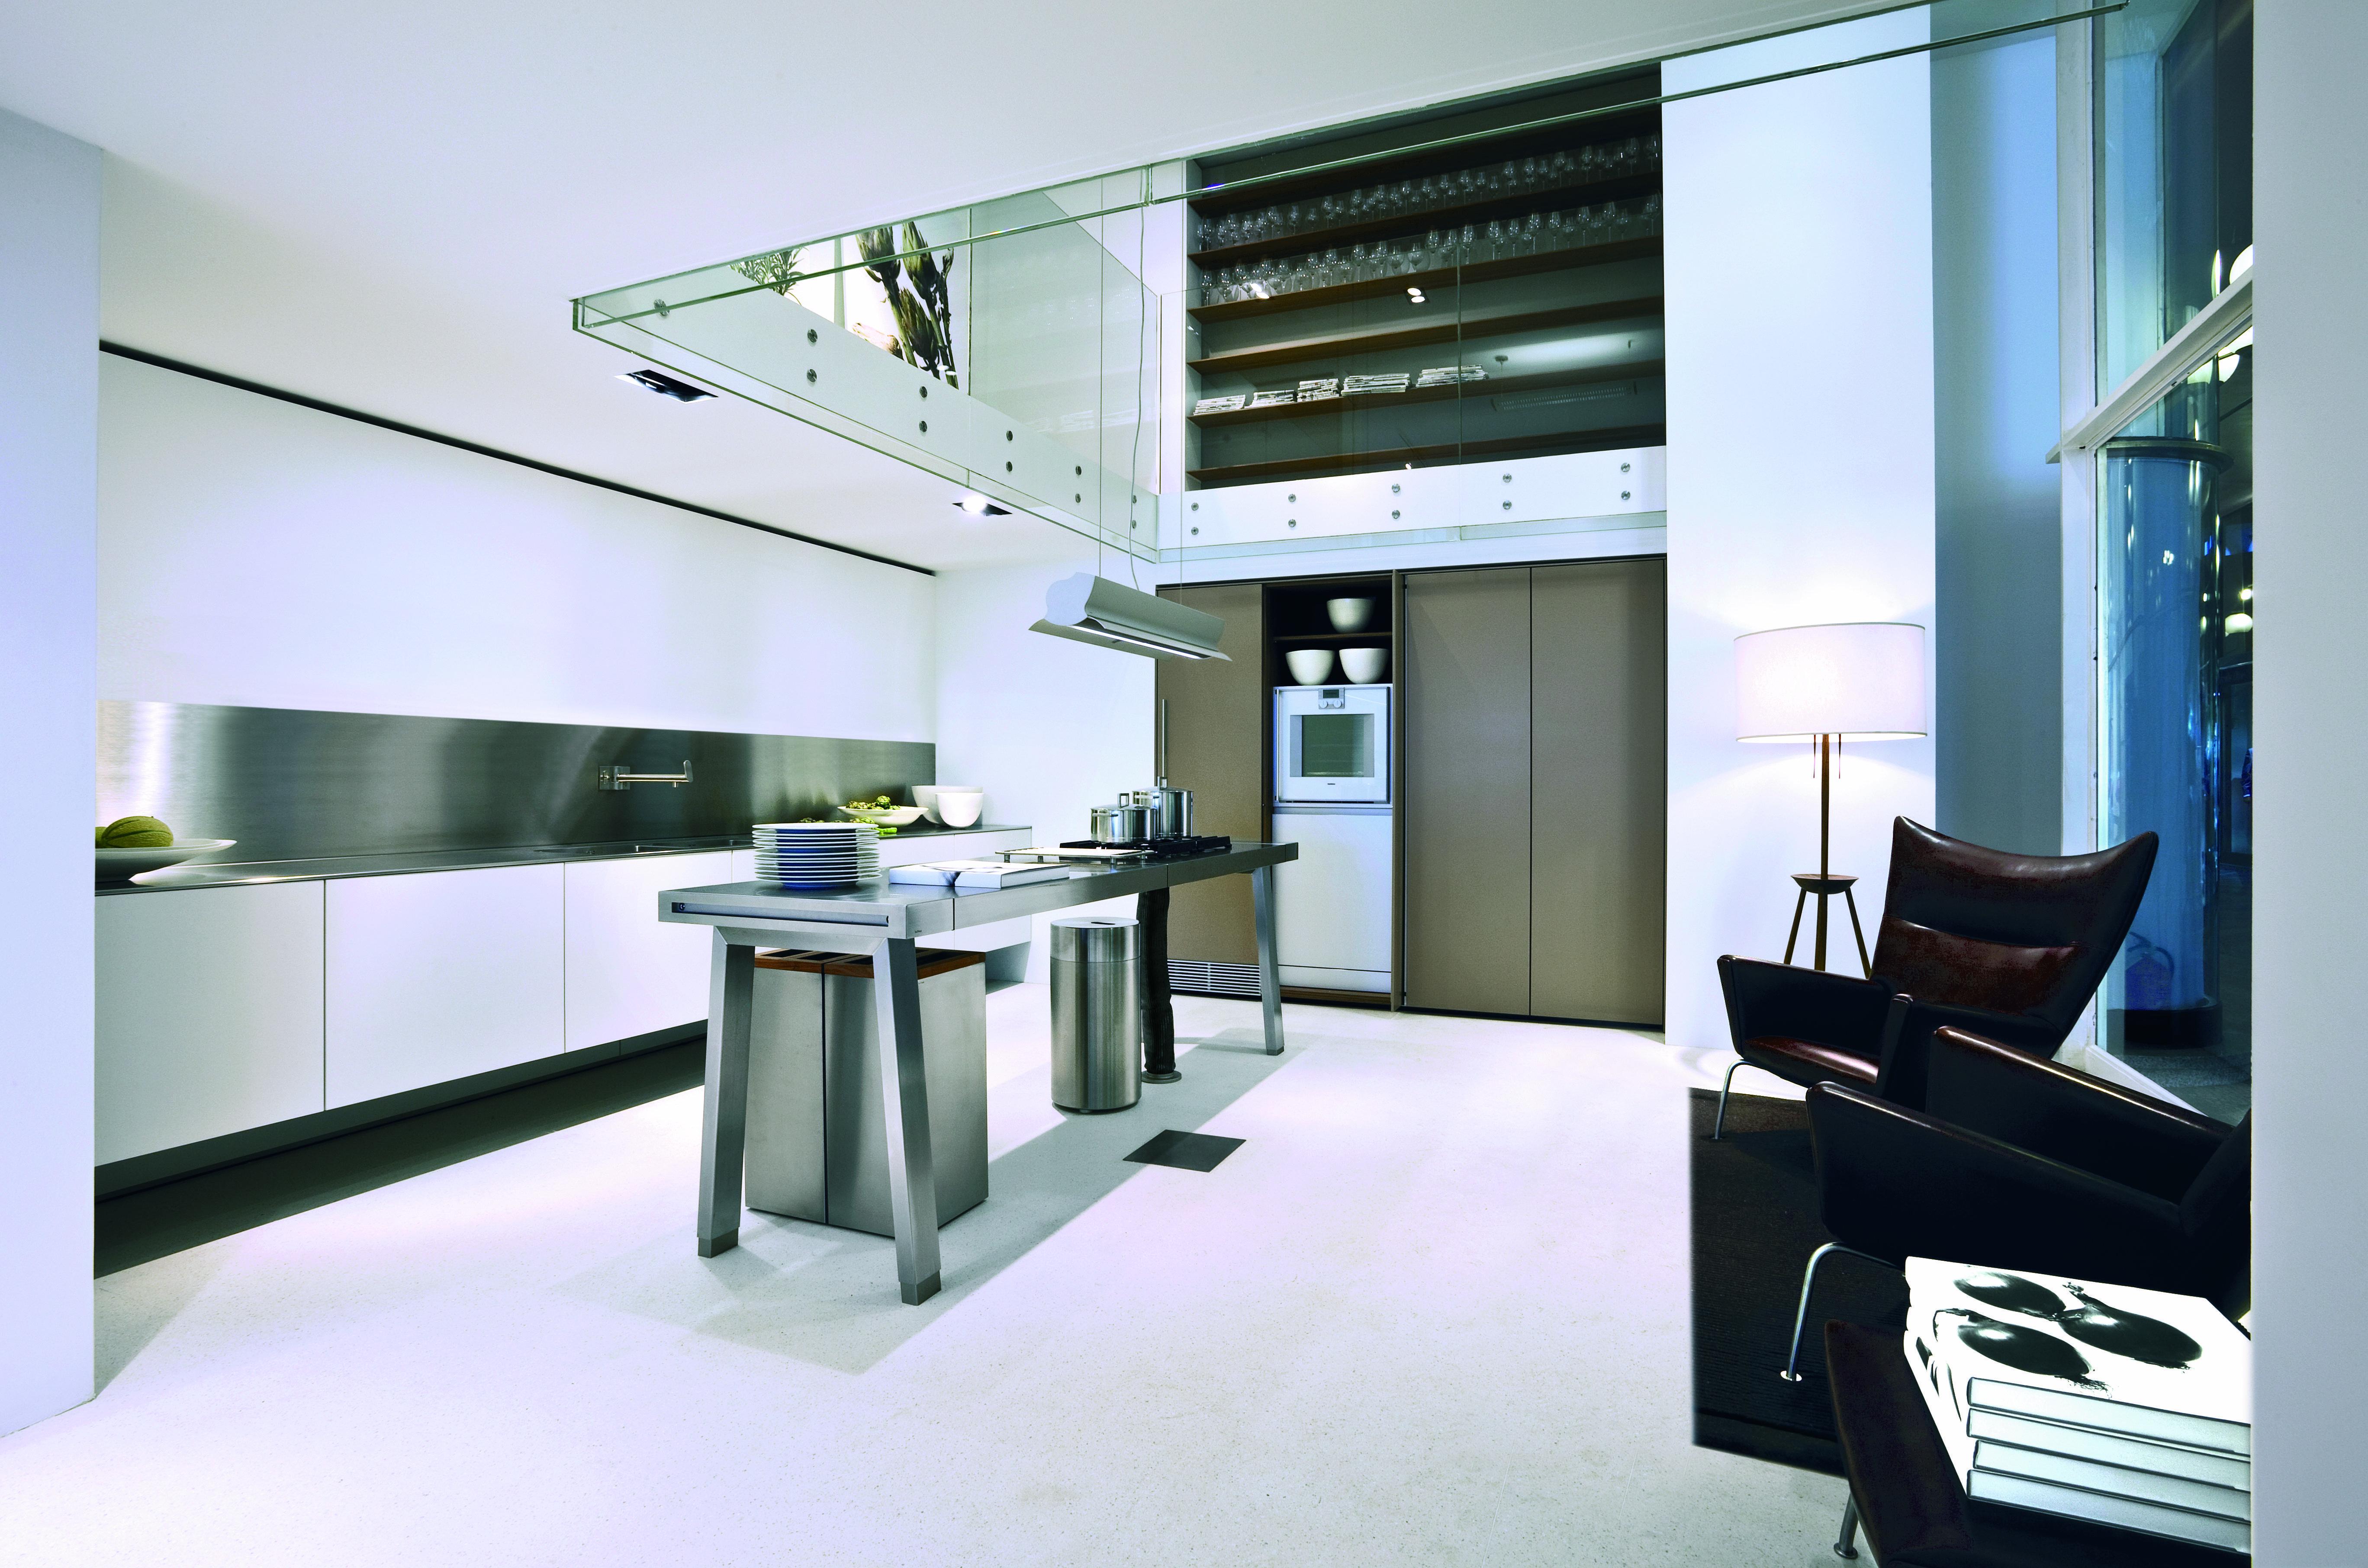 Bulthaup b keuken in combinatie met een b werktafel b de